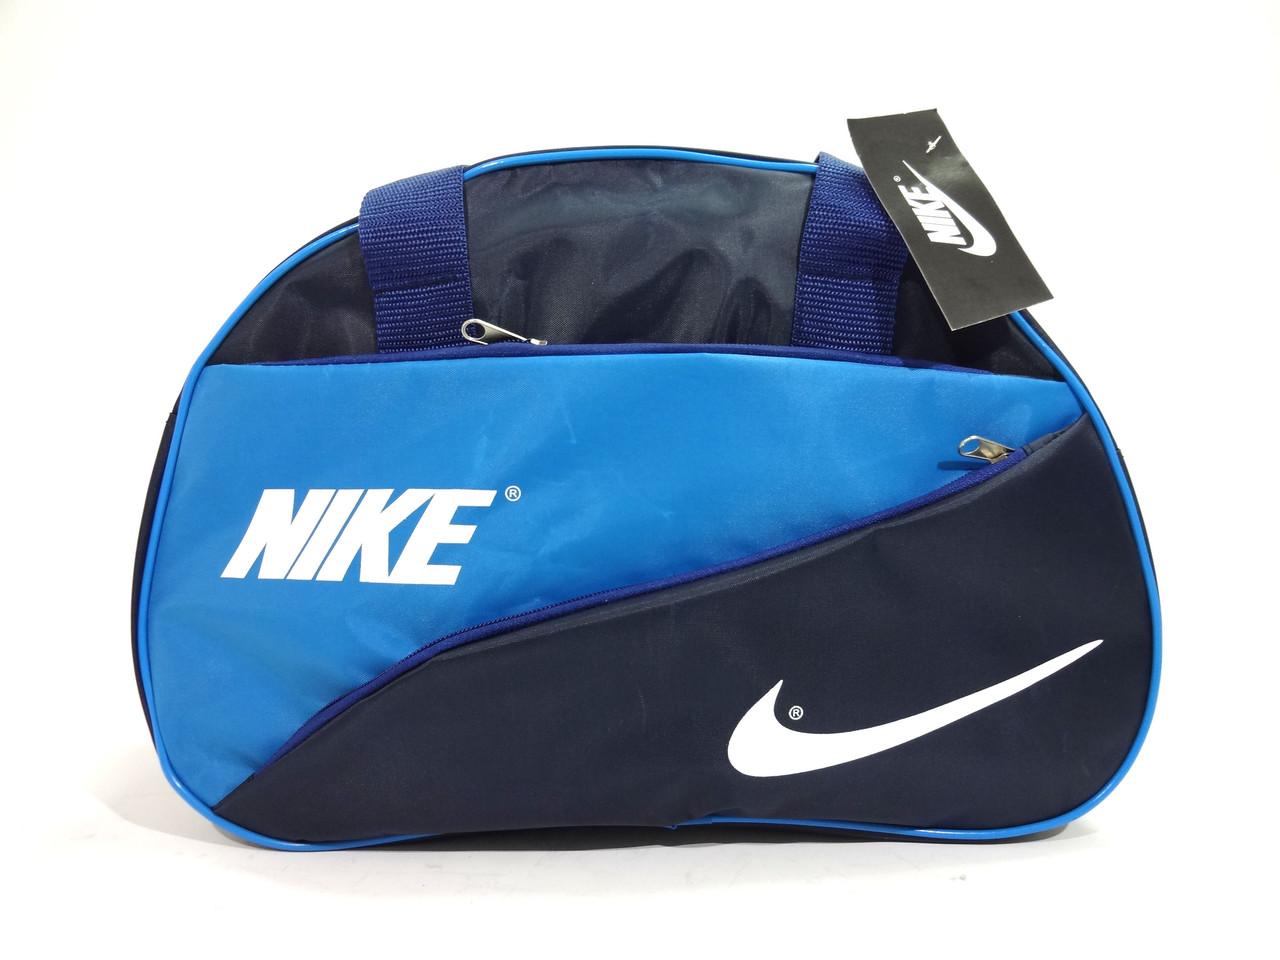 Спортивная черная с голубым сумка Nike (Найк) с длинным ремнем. Недорого реплика